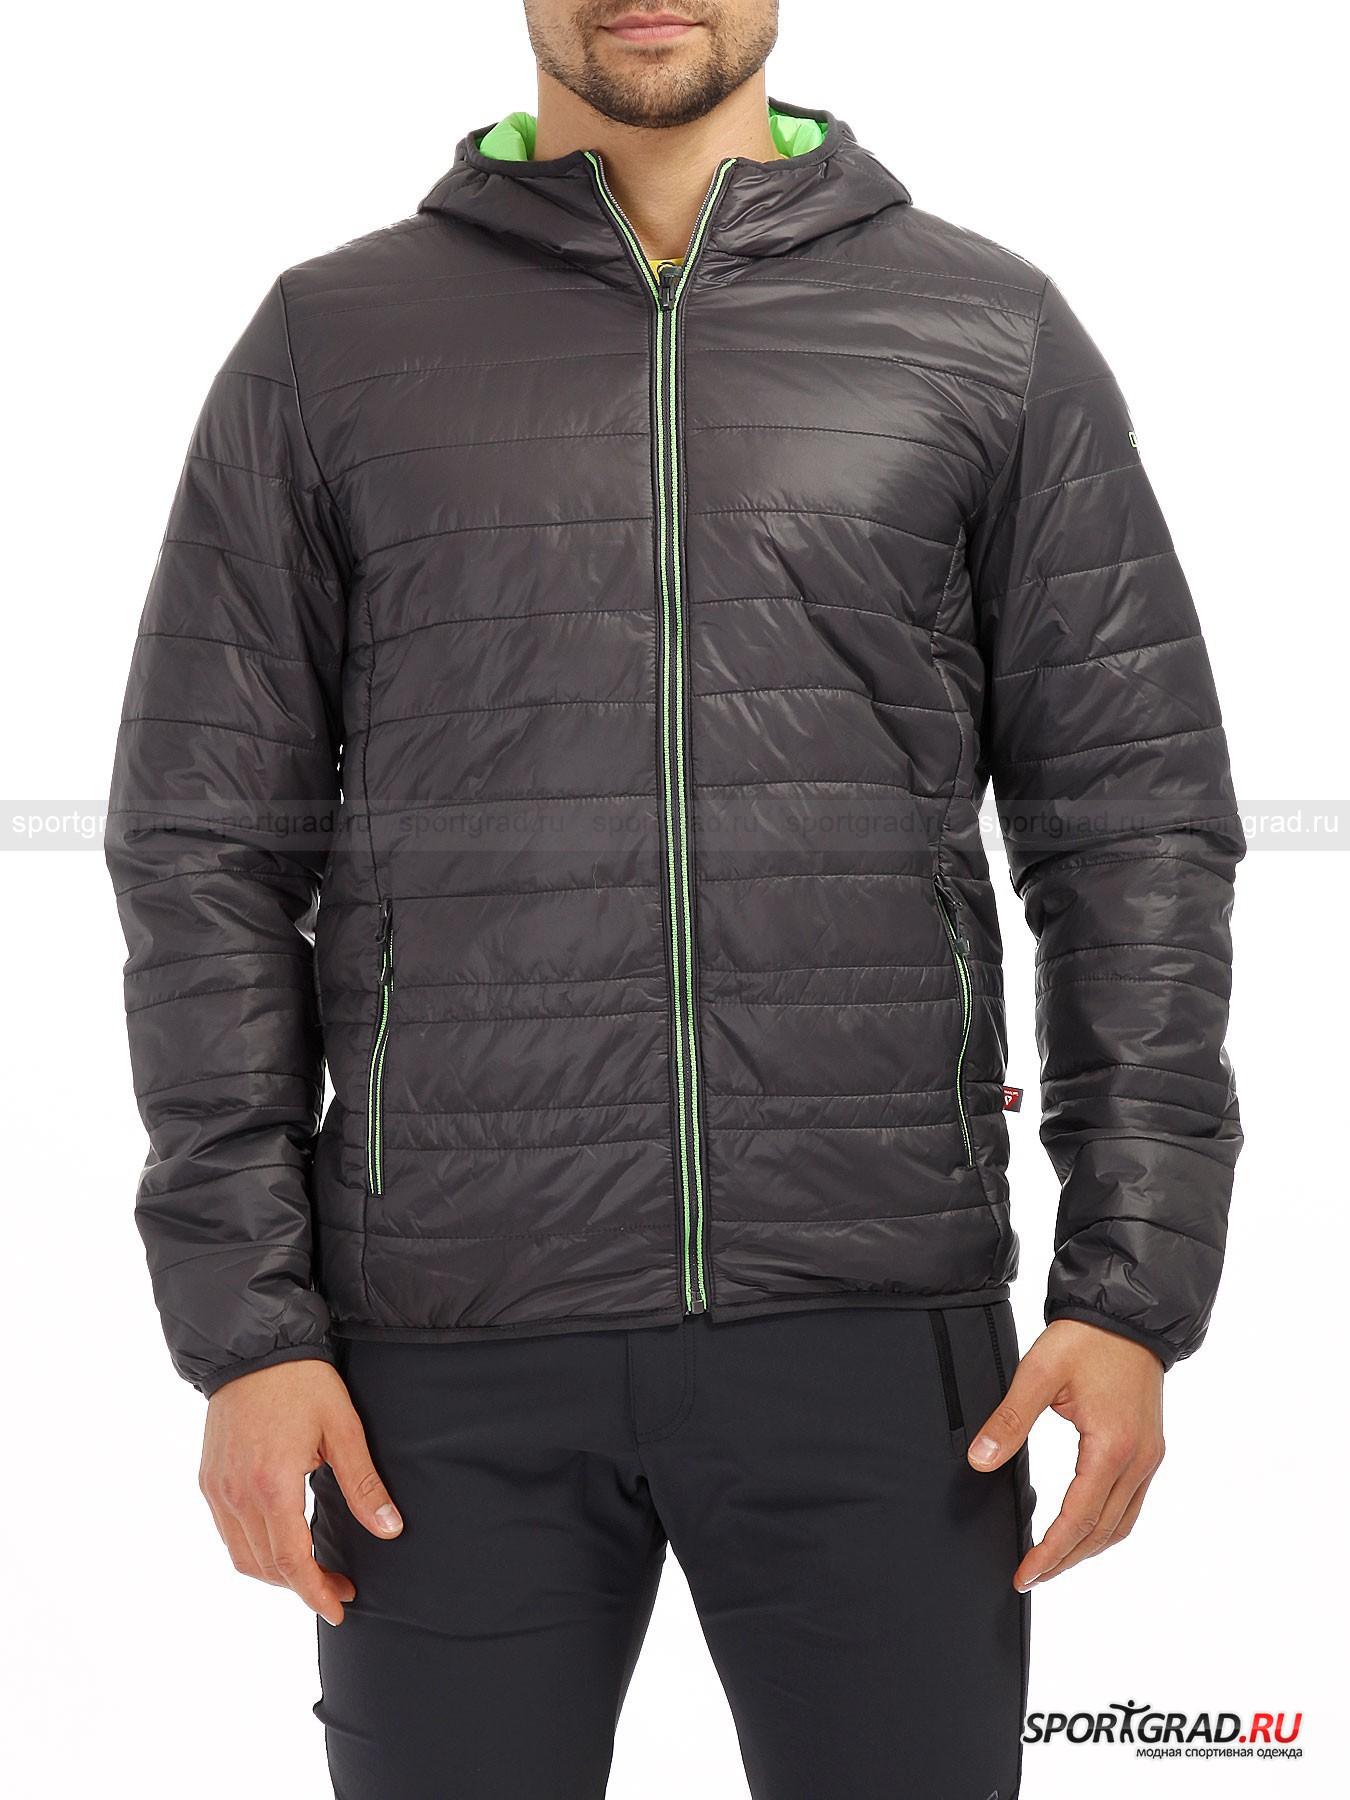 Куртка муж CAMPAGNOLO FIX HOODКуртки<br>Высокотехнологичный и многофункциональный пуховик уже давно стал реальностью, которую пора начать воспринимать всерьез всем, кто отдает предпочтение качественной и практичной одежде. Итальянская компания CAMPAGNOLO ни один сезон делает ставку на пуховые куртки, используя в качестве наполнителя, как натуральные, так и синтетические материалы. Данная модель пуховика изготовлена с применением технологии Primaloft, что гарантирует сохранение тепла тела без увеличения объема самой куртки. К этому стоит добавить высокий уровень изоляции влаги и дышащее свойство материала изготовления. Мужская куртка CAMPAGNOLO не только легкая, но и приятная на ощупь. Особенно это ощущается, когда одеваешь удобный и не стесняющий движения головы капюшон. Изюминкой данной модели стоит считать наличие специального мешочка, в который весьма компактно складывается пуховик. Отличный выбор для любителей путешествий и походов.<br><br>Пол: Мужской<br>Возраст: Взрослый<br>Тип: Куртки<br>Рекомендации по уходу: Щадящая стирка при 40 С; отбеливание запрещено; сушка в барабане при температуре 50 С; не гладить; химчистка <br>Состав: 100% полиамид, подкладка – 100% полиэстер.